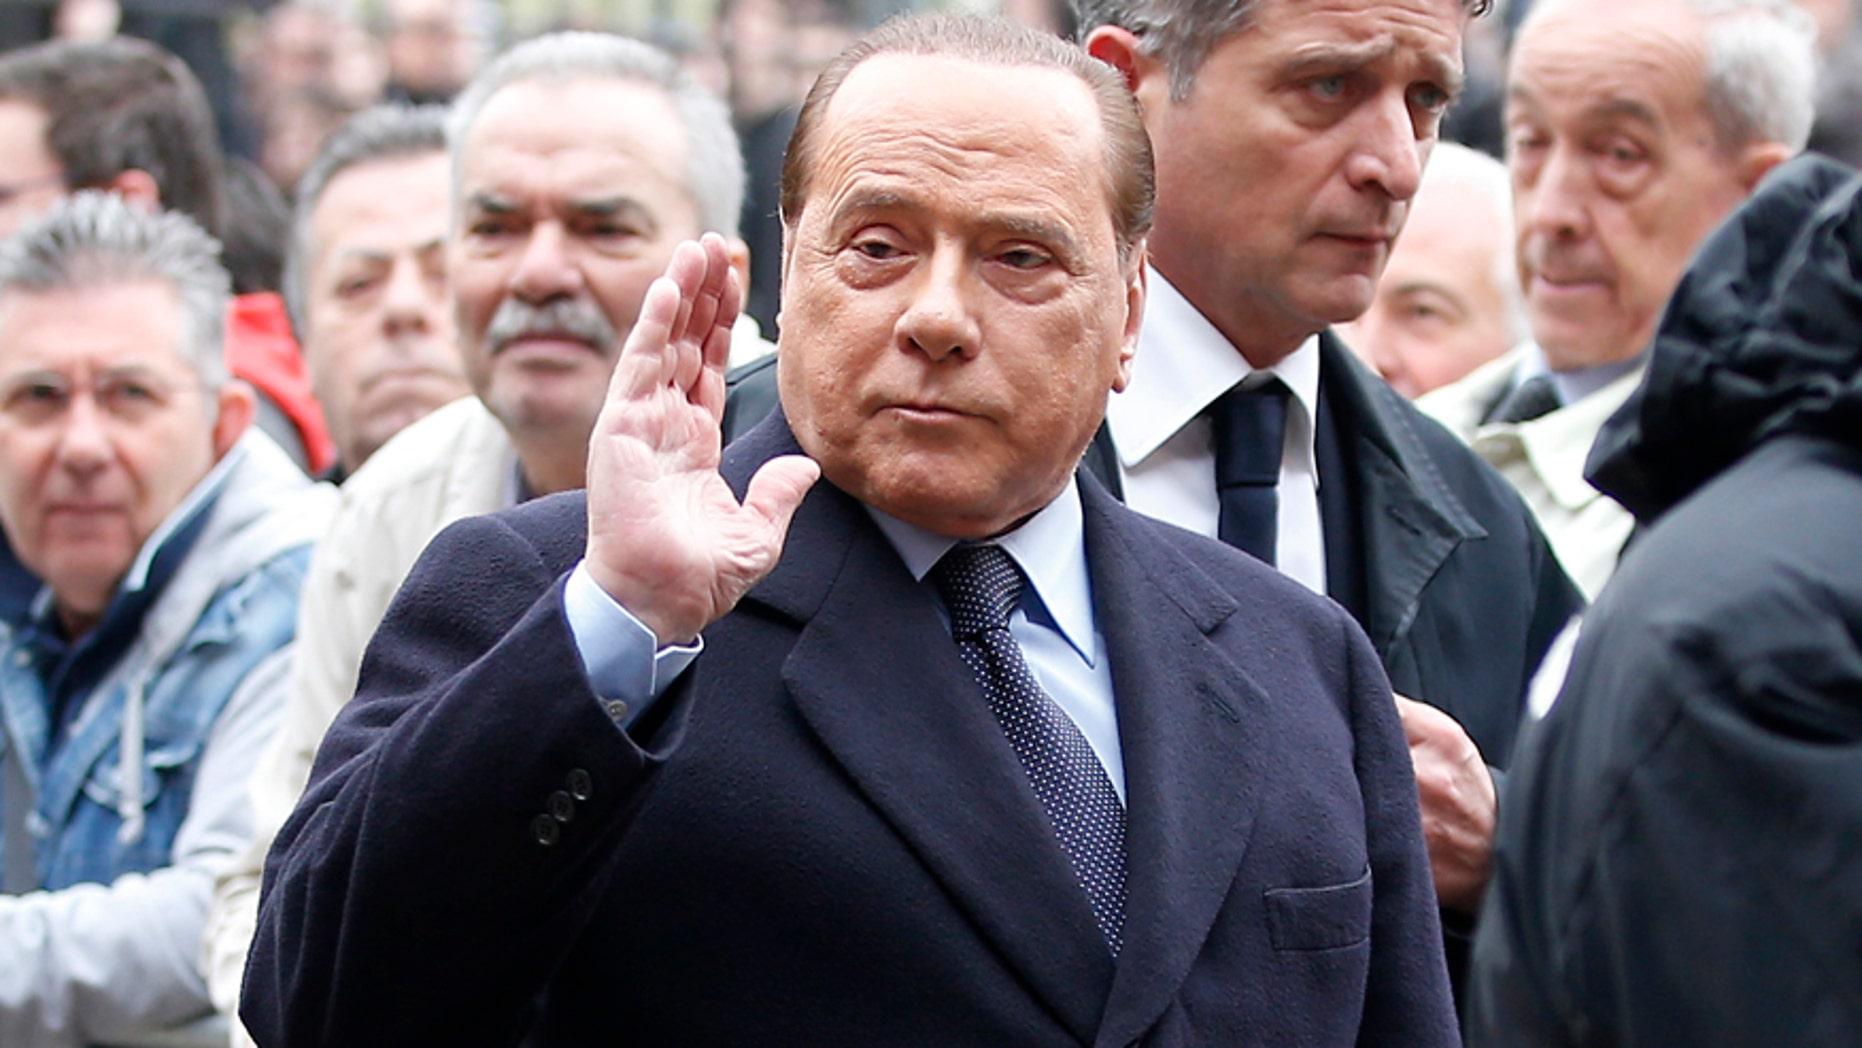 April 5, 2016: Former Premier Silvio Berlusconi attends the funeral of Italy coach Cesare Maldini at the Sant Ambrogio's Basilica in Milan, Italy.